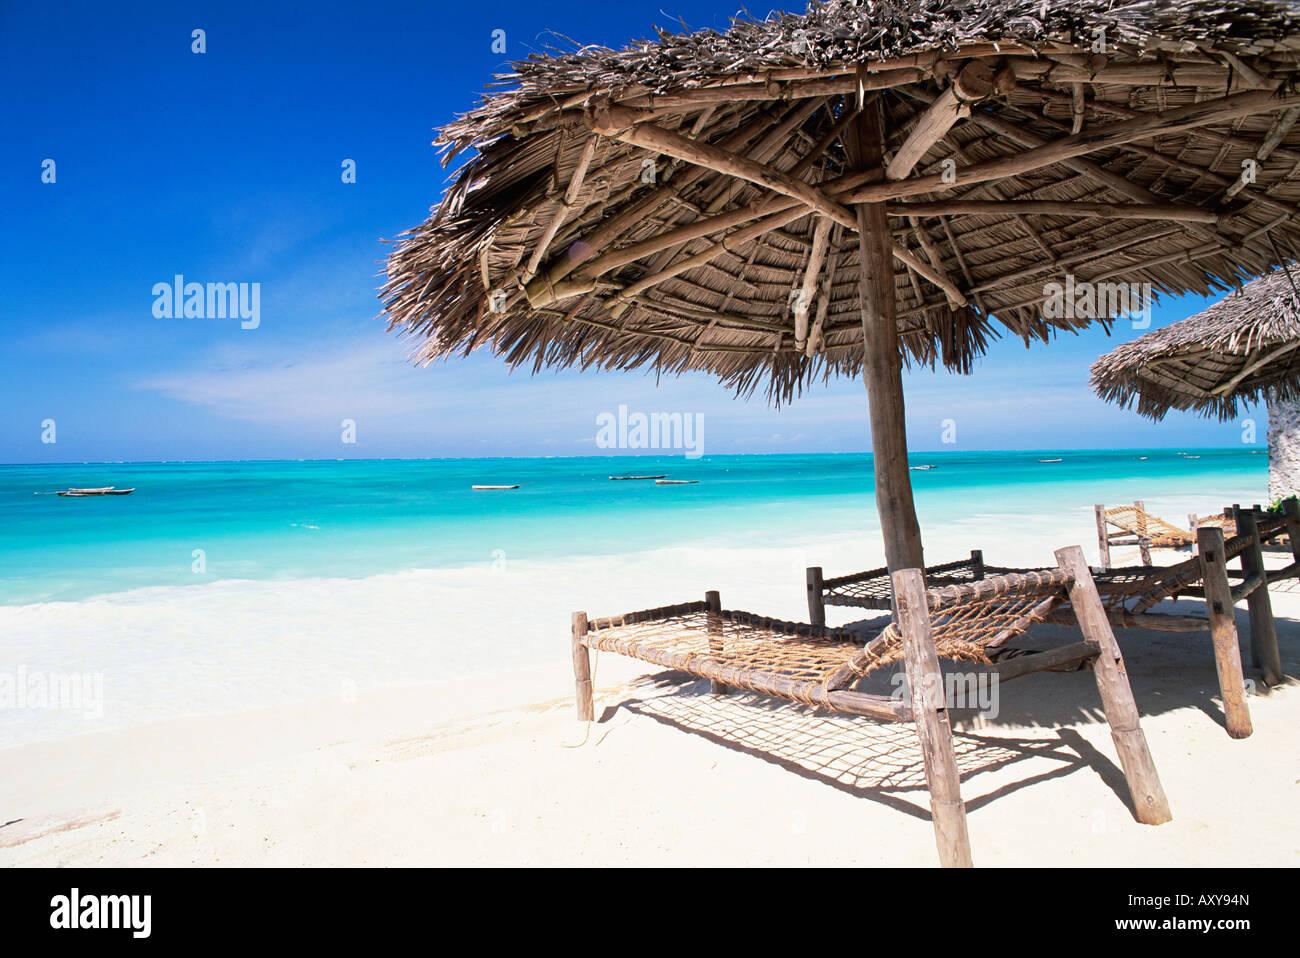 Ombrellone in spiaggia che si affaccia sull'Oceano Indiano, Jambiani beach, isola di Zanzibar, Tanzania, Africa Immagini Stock